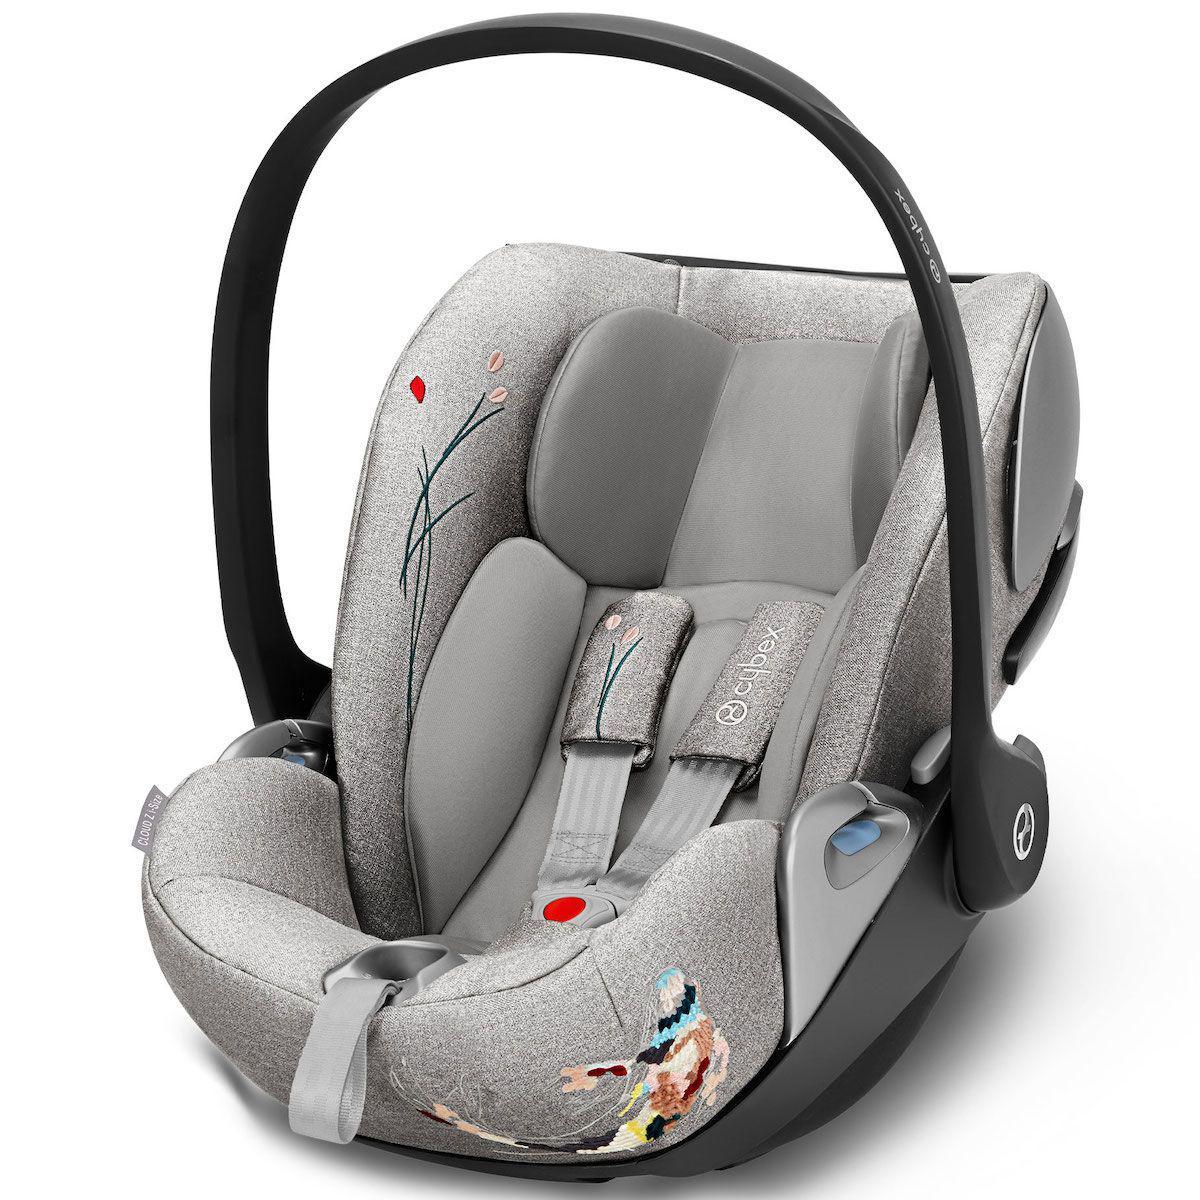 Silla auto 0+ CLOUD Z I-SIZE Cybex koi-mid grey